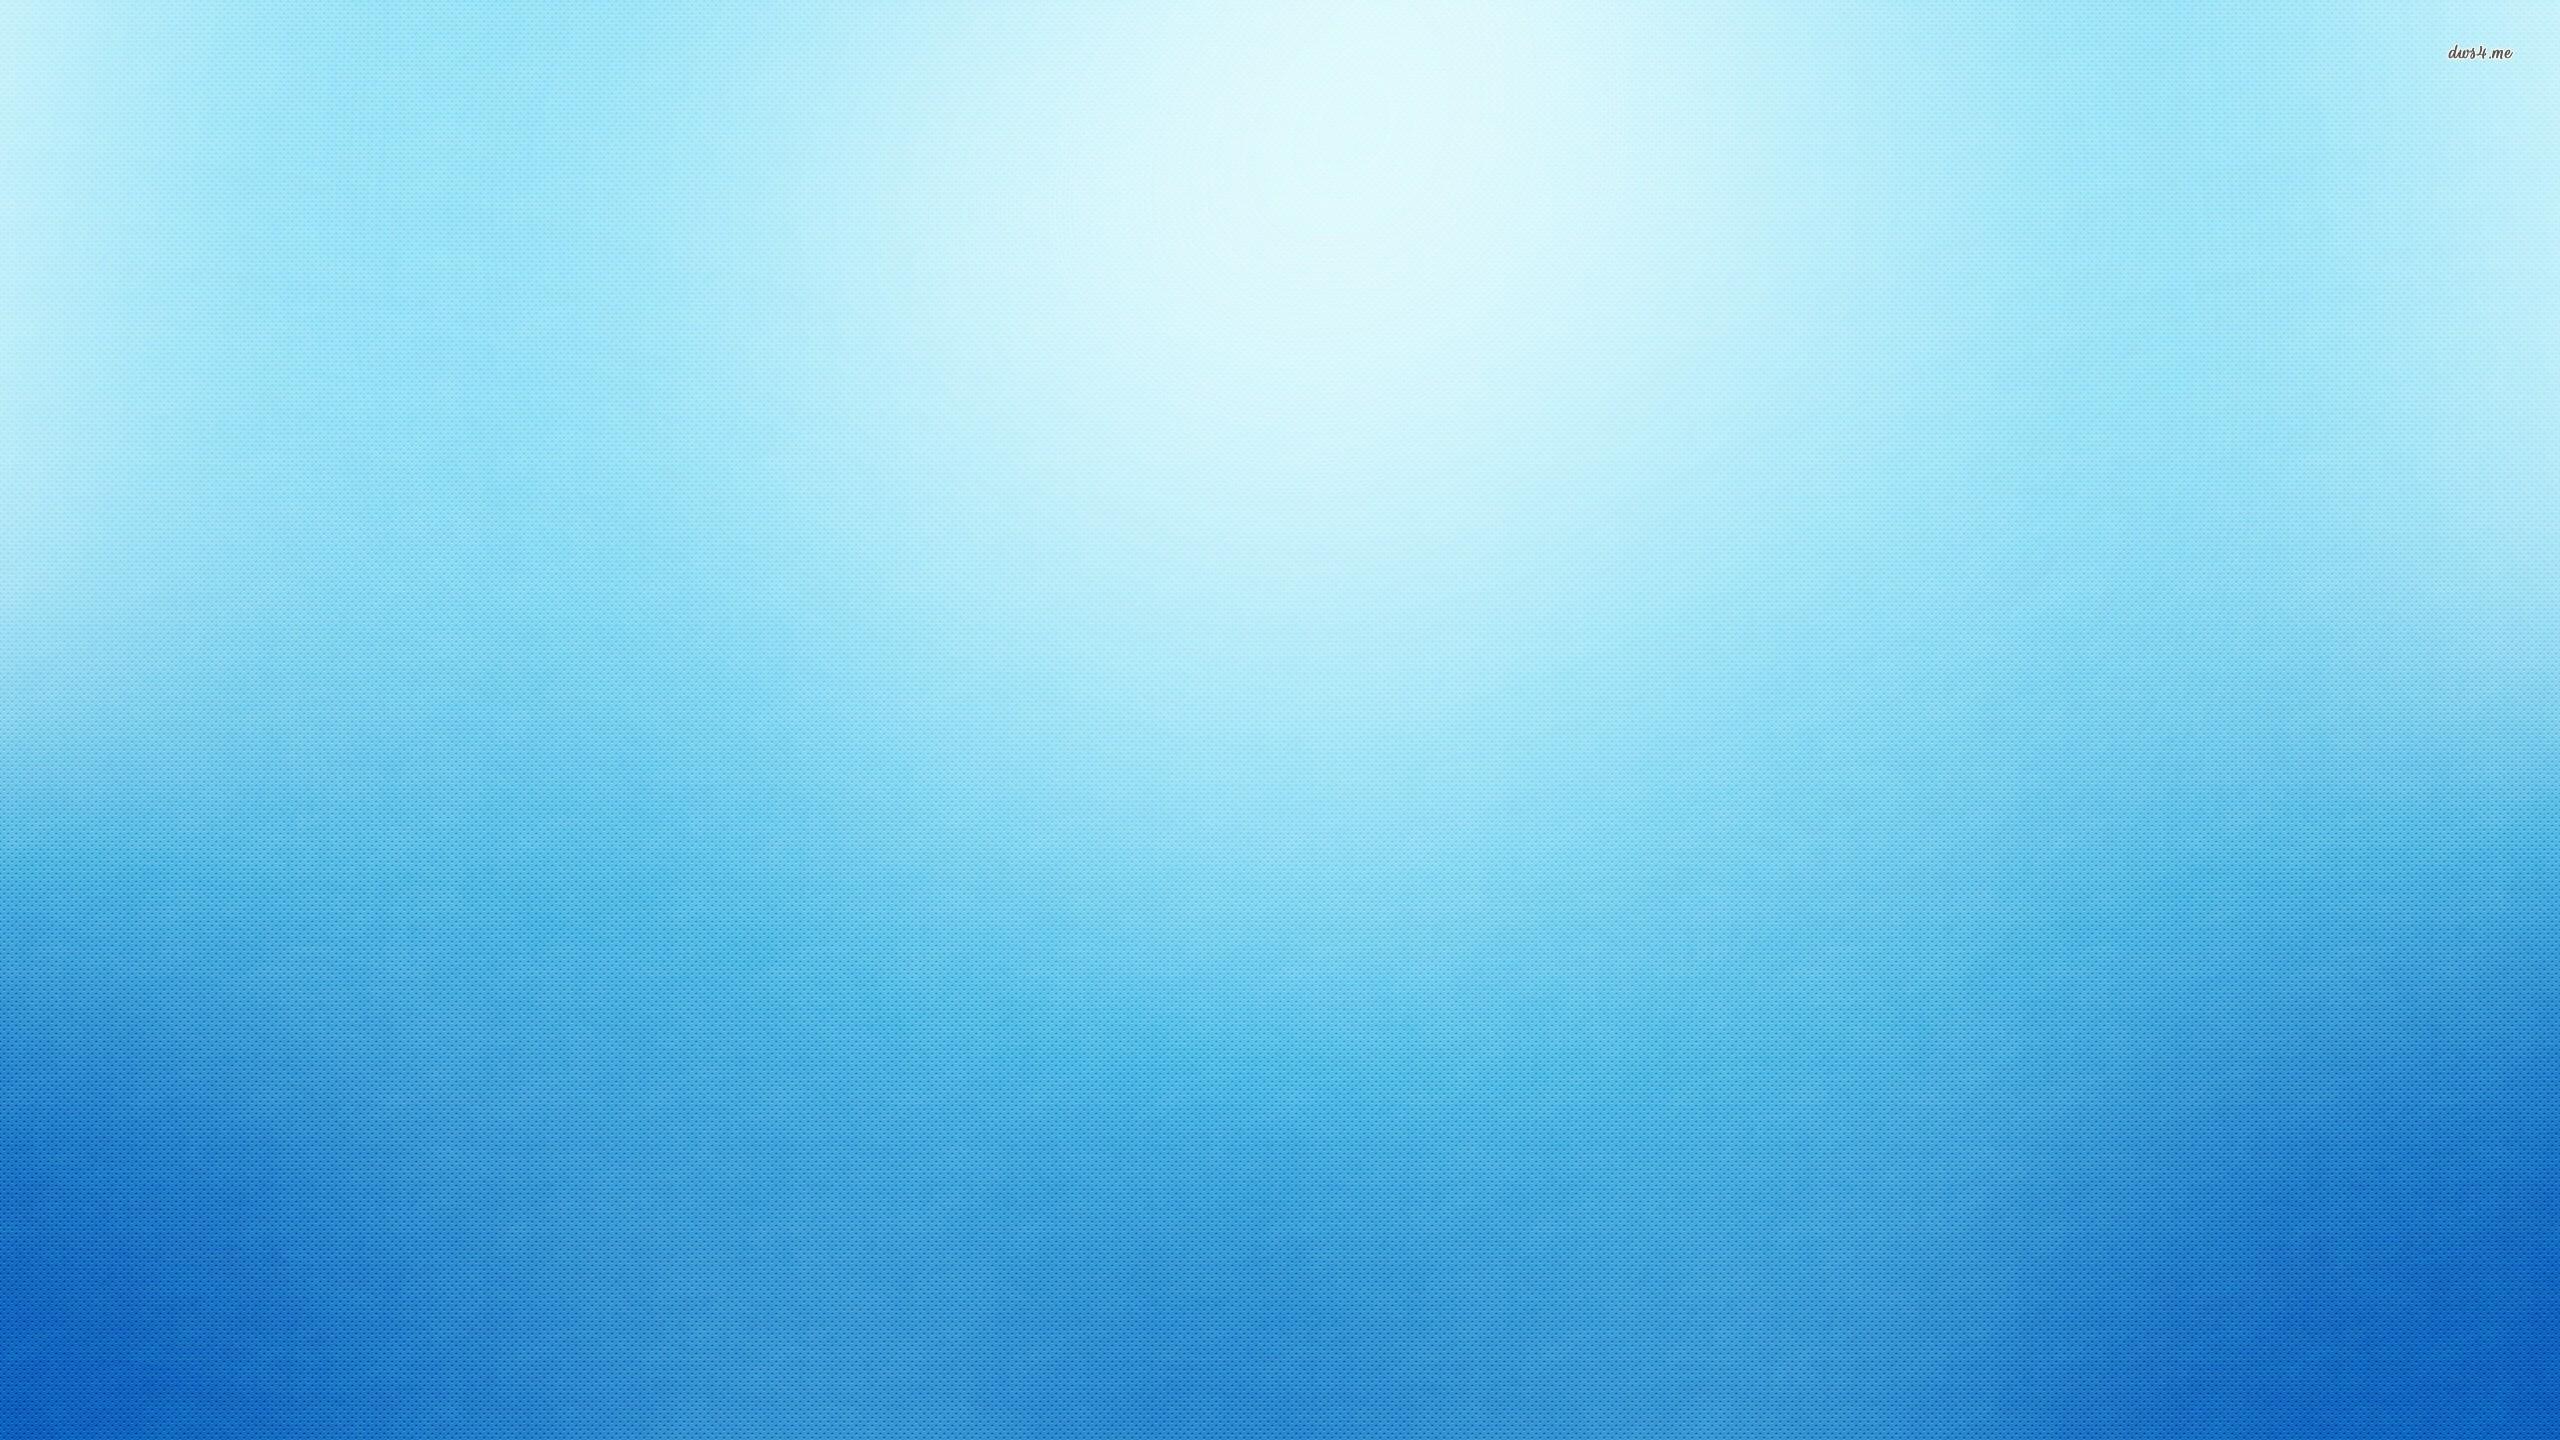 ... Light blue texture wallpaper 2560x1440 ...